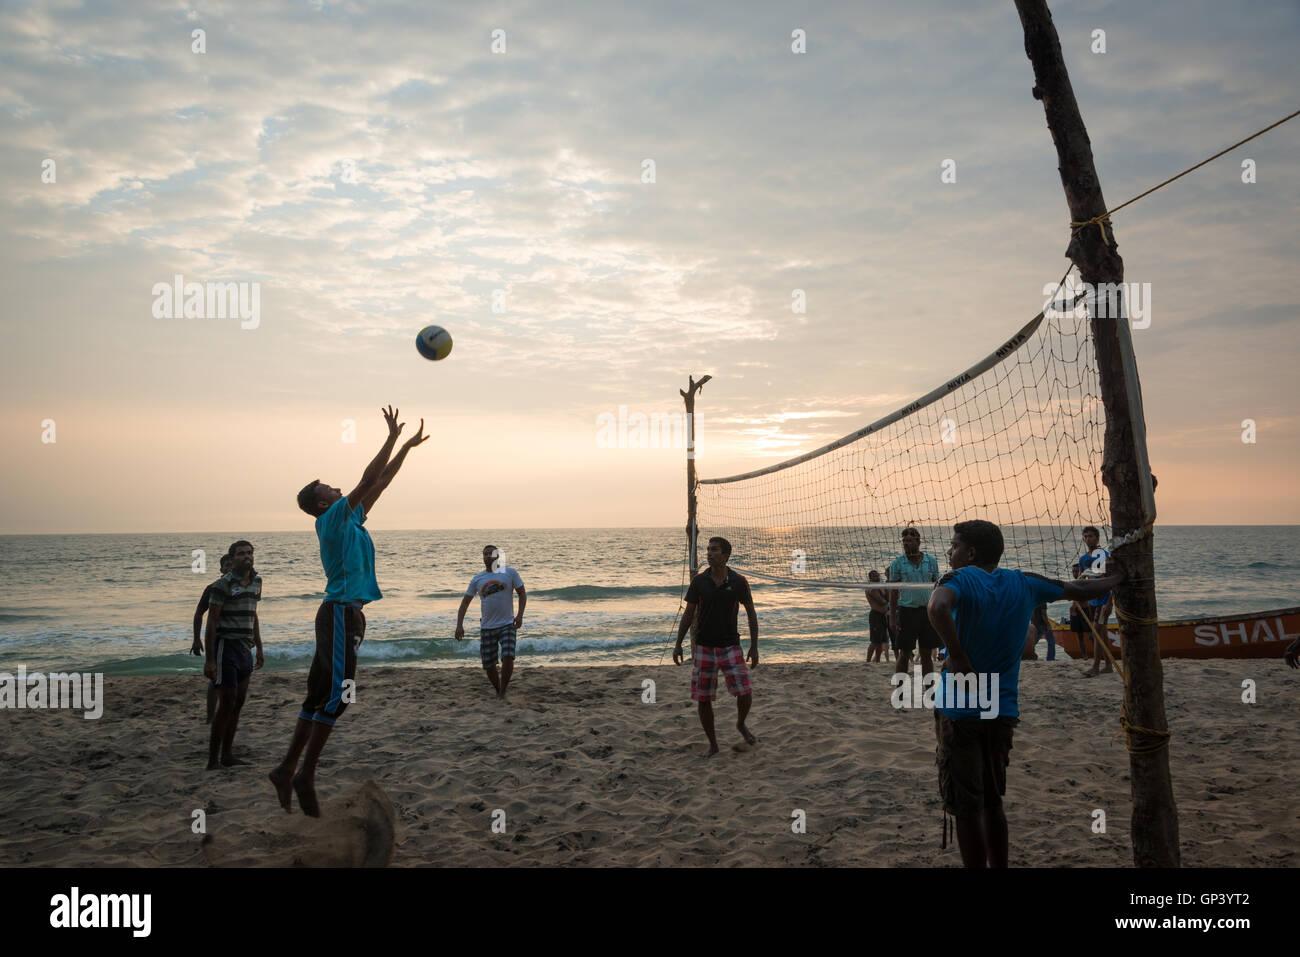 Les enfants jouer au volley sur la plage de Varkala, Kerala, Inde Photo Stock